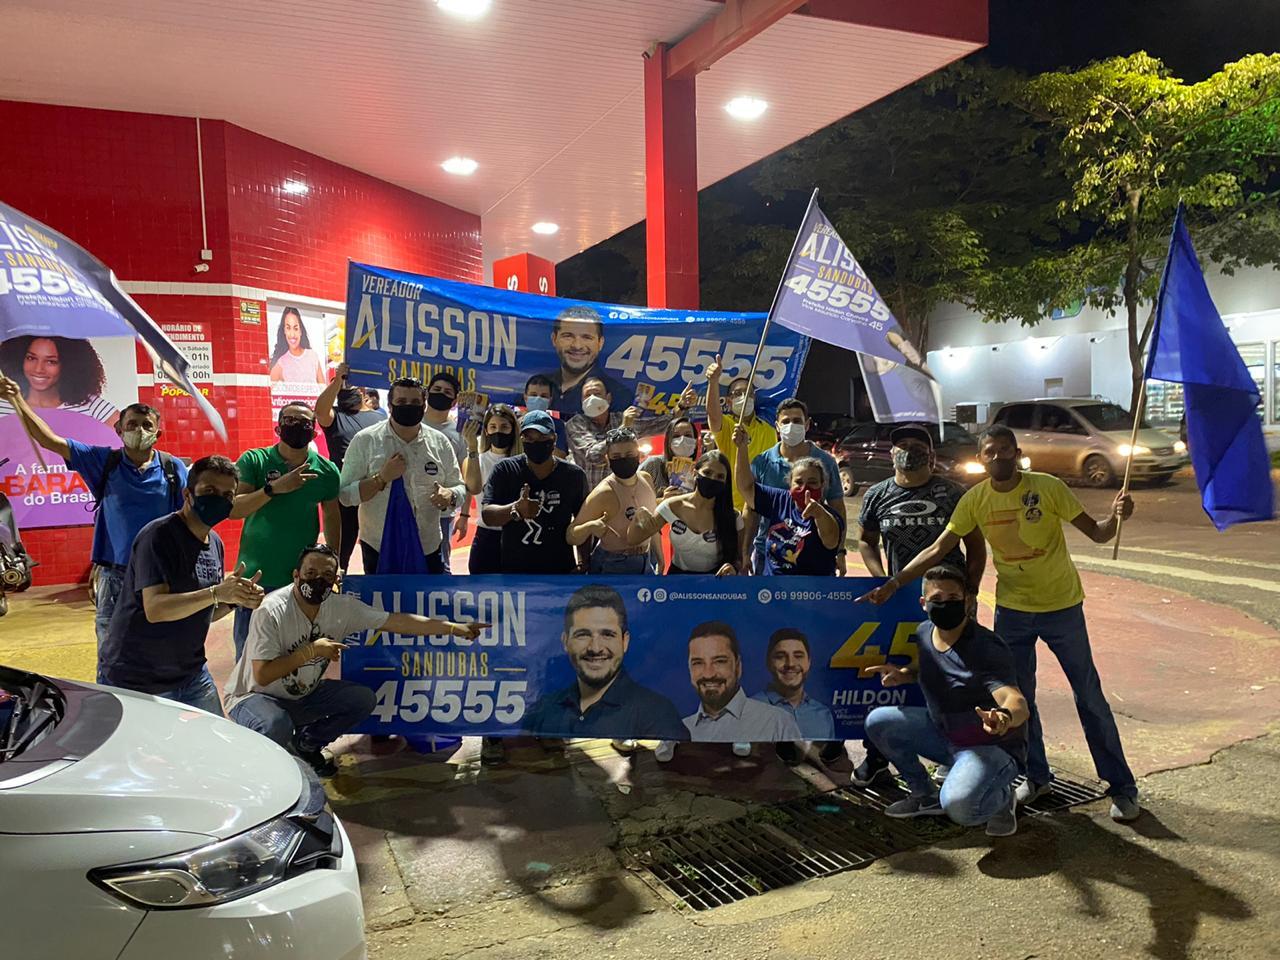 Candidato Alisson Sandubas realiza pit stop´s e caminhadas em Porto Velho